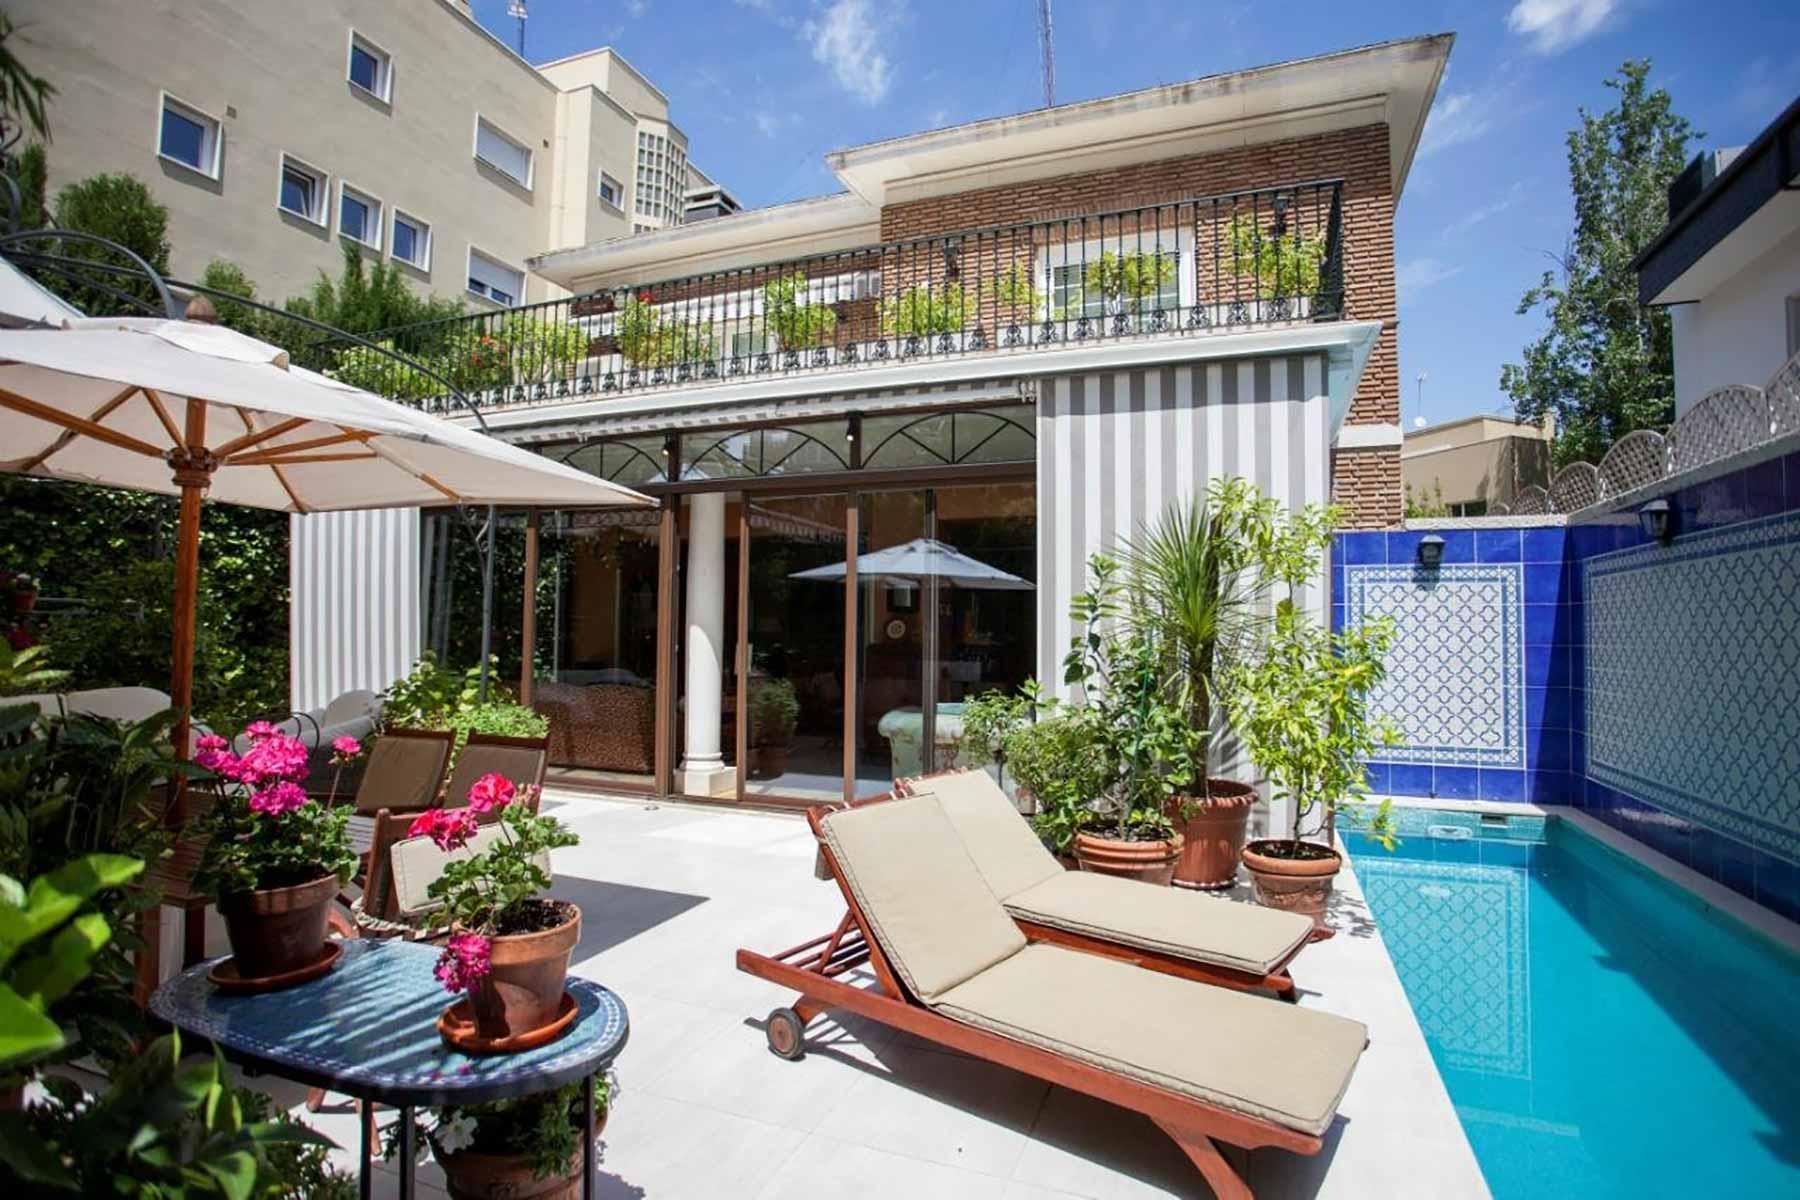 Madrid - España - Casa, 5 cuartos, 5 habitaciones - Slideshow Picture 2